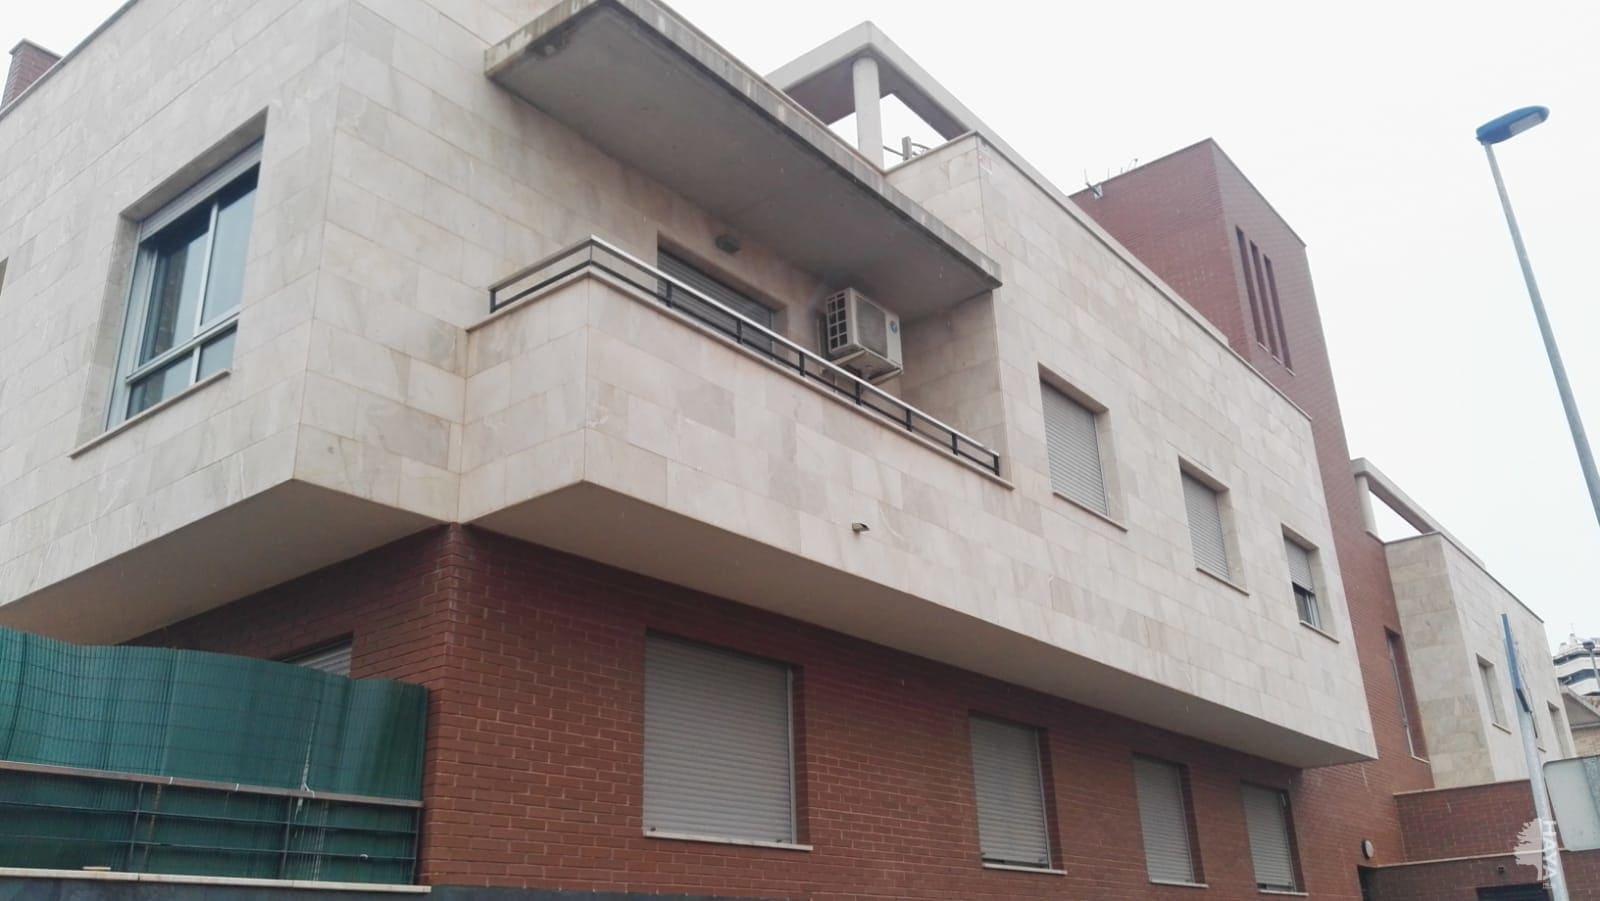 Piso en venta en Molina de Segura, Murcia, Calle Profesor Juan Ruiz, 100.922 €, 3 habitaciones, 3 baños, 116 m2